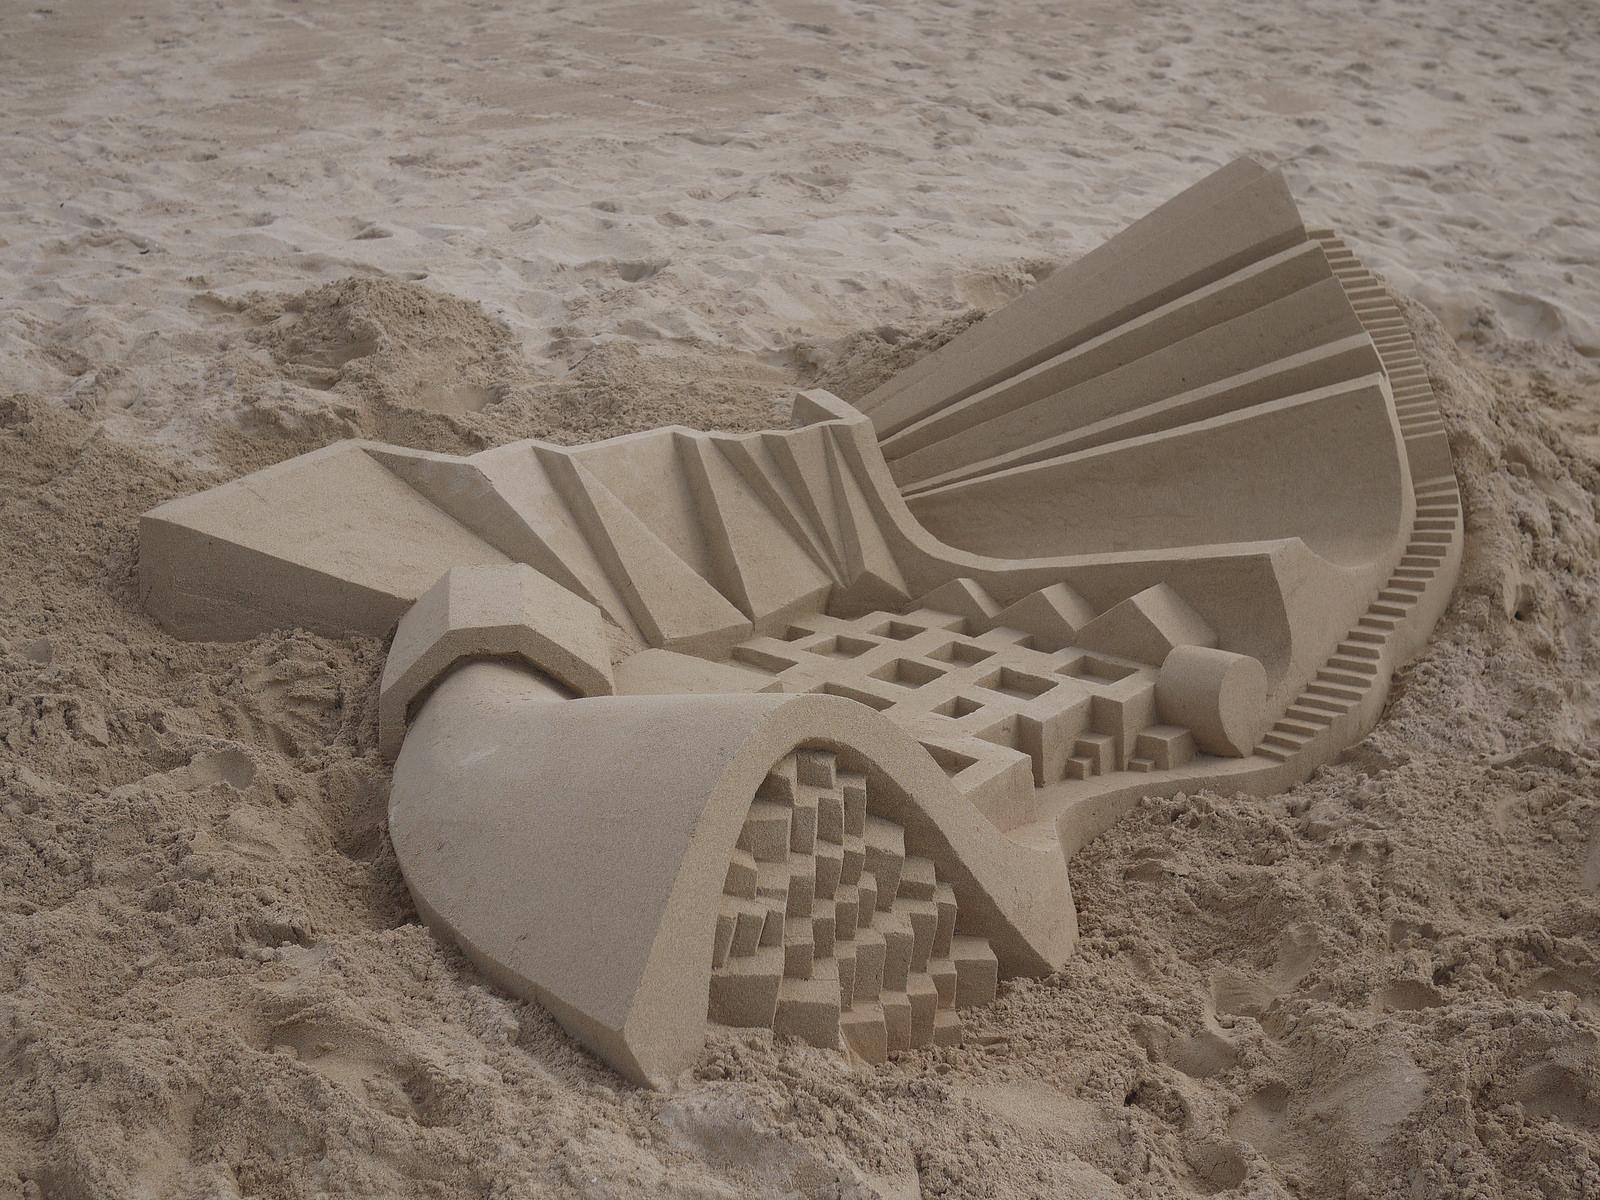 sand-castles-calvin-seibert- 08